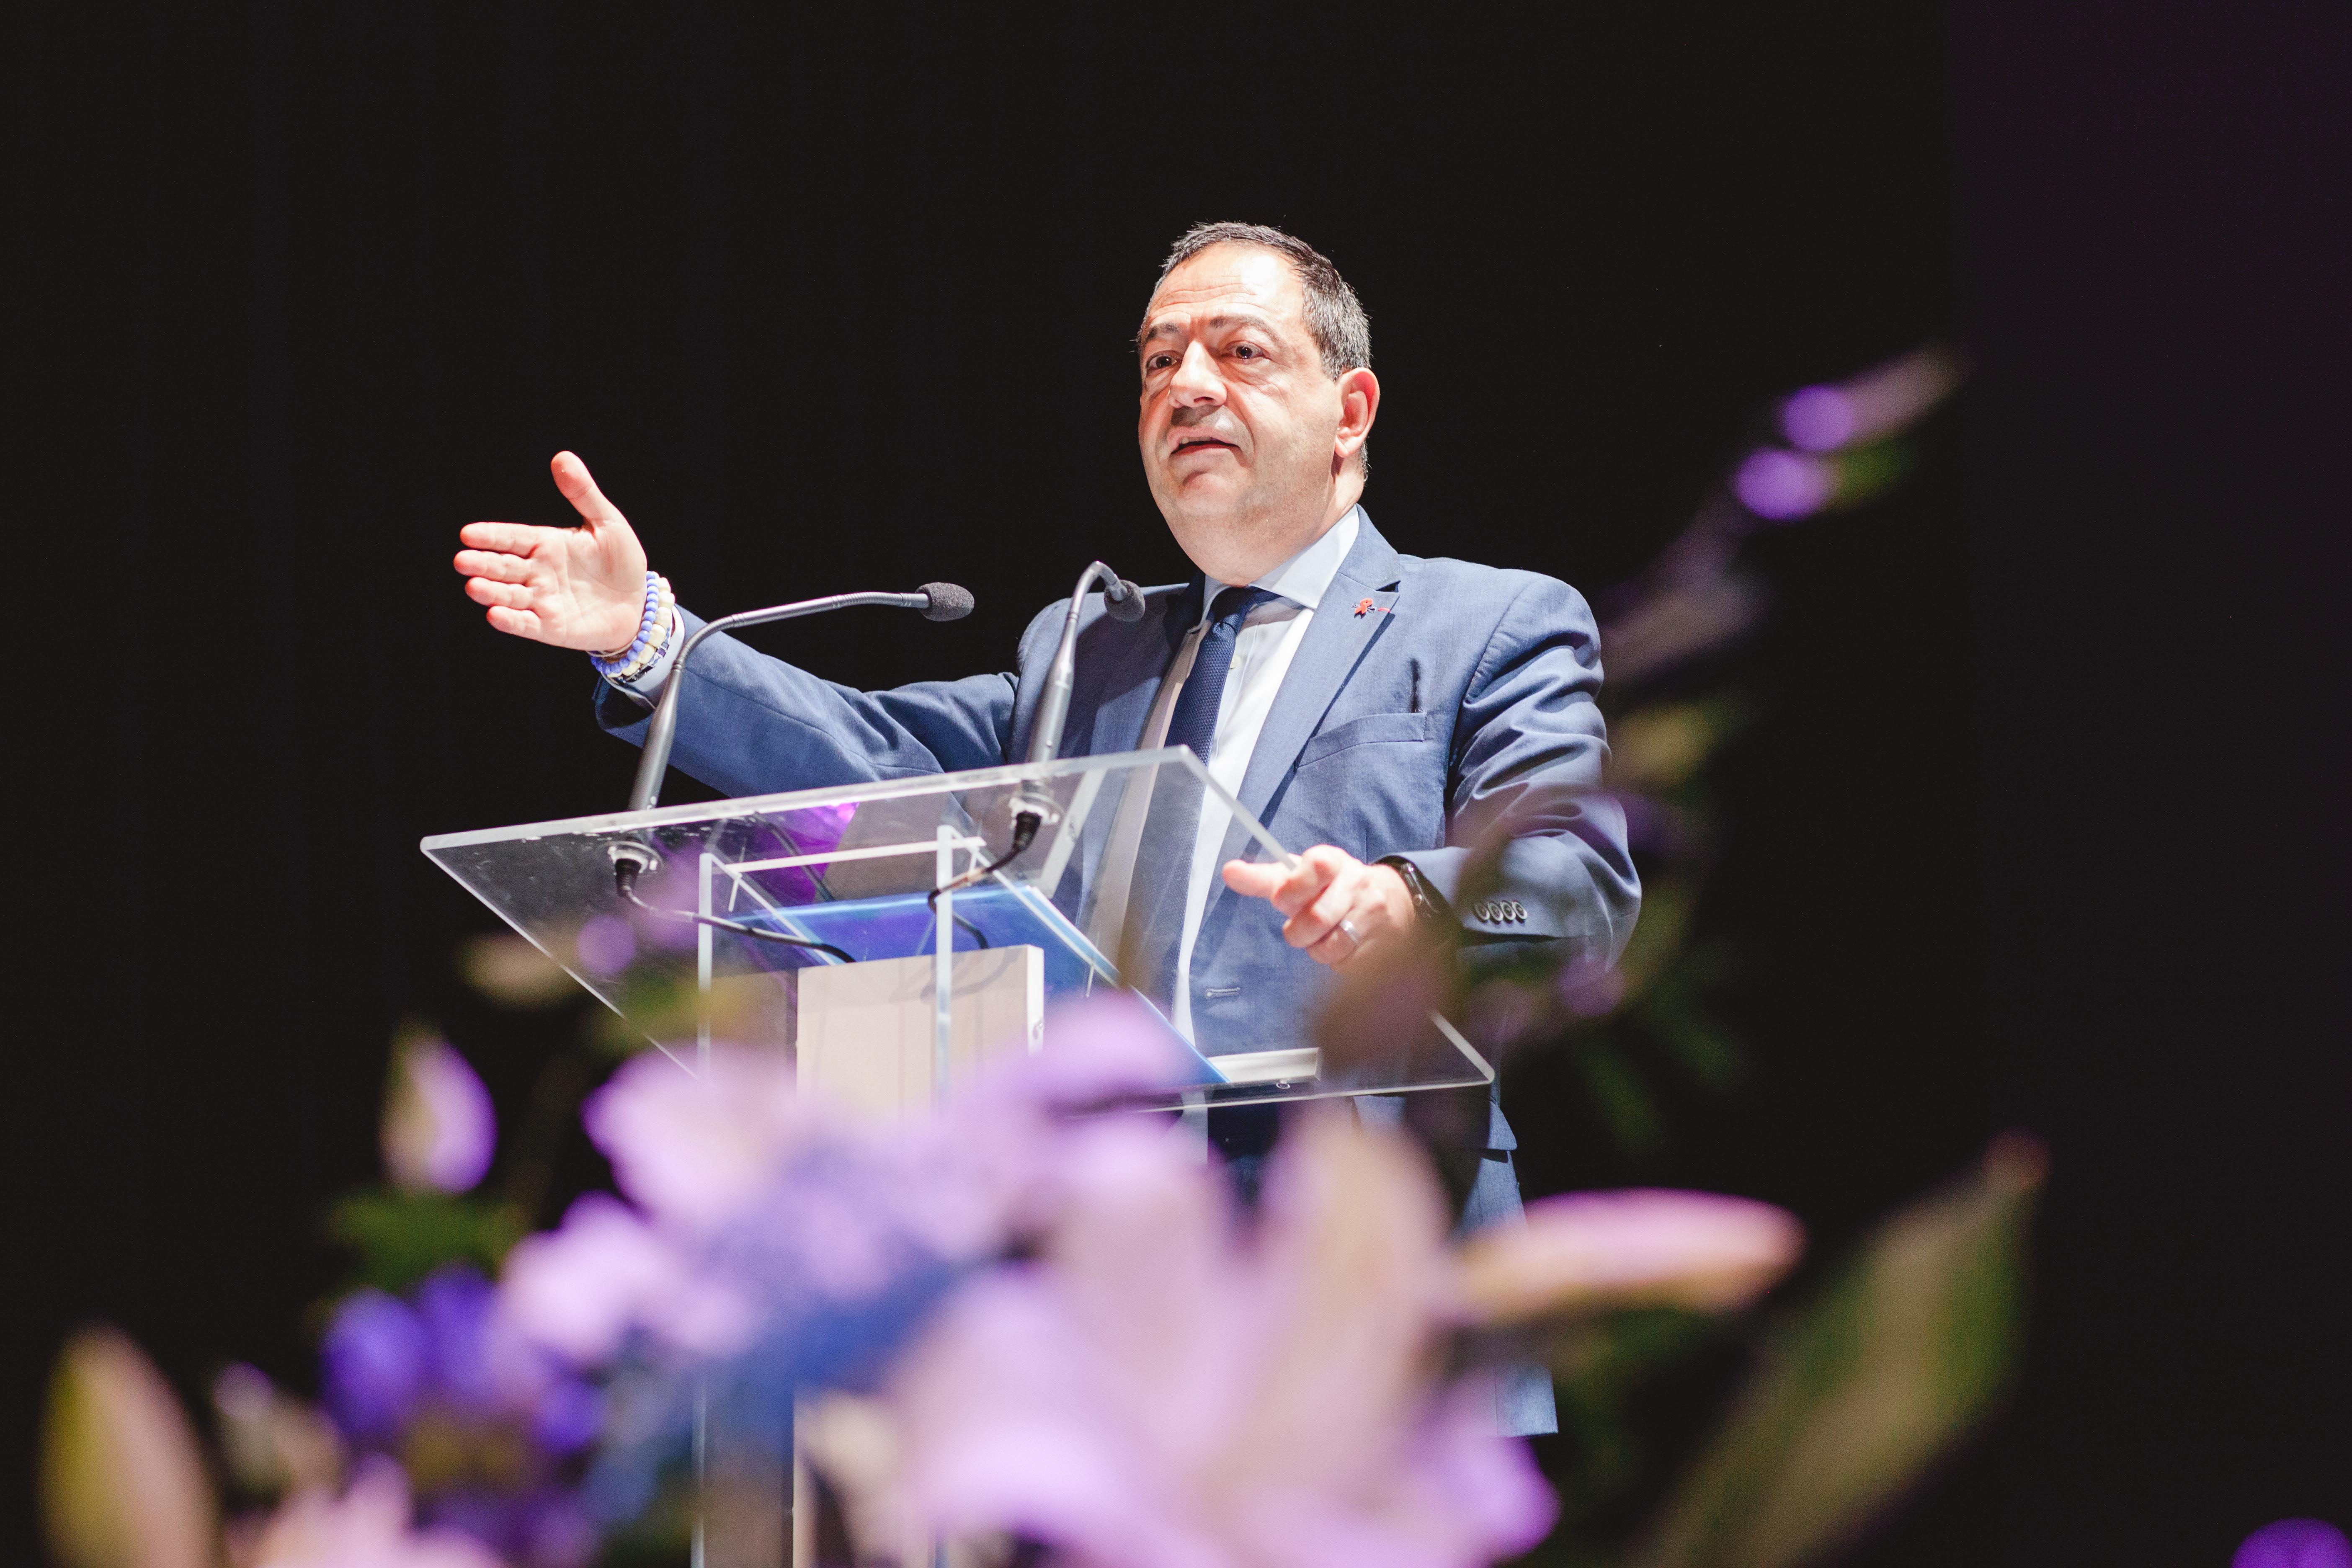 Jean-Luc Romero à Versailles, le 15 mai à 18h